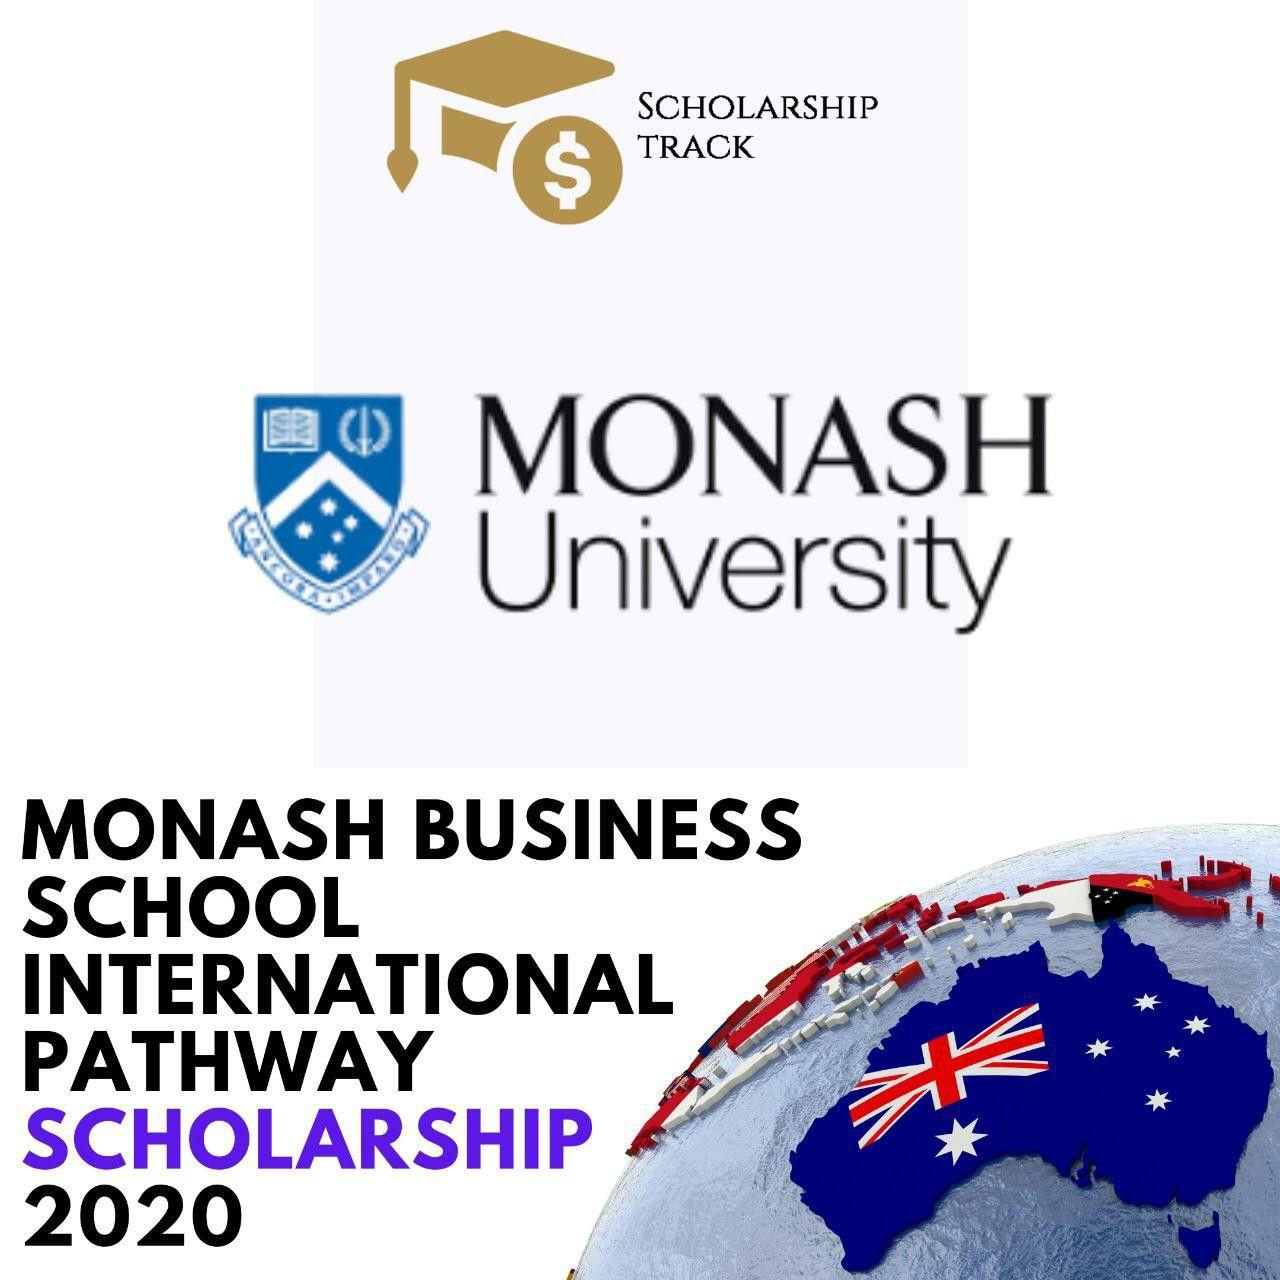 eaadc95452195e4266c3408aa5604c38 - Australian University Application Deadline 2020